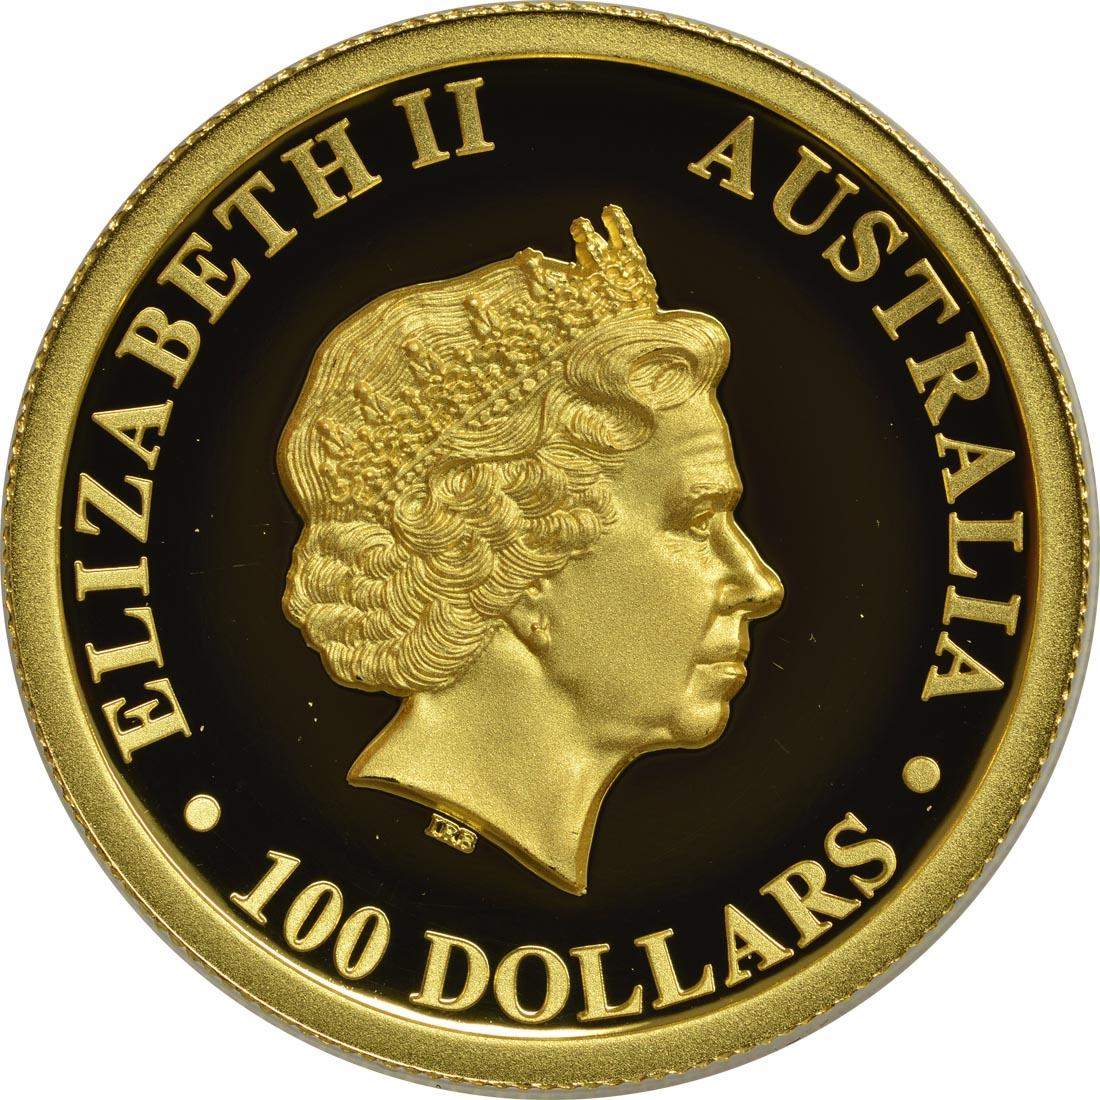 australien 100 dollar keilschwanzadler highrelief 2016 gold pp 1568 euro. Black Bedroom Furniture Sets. Home Design Ideas